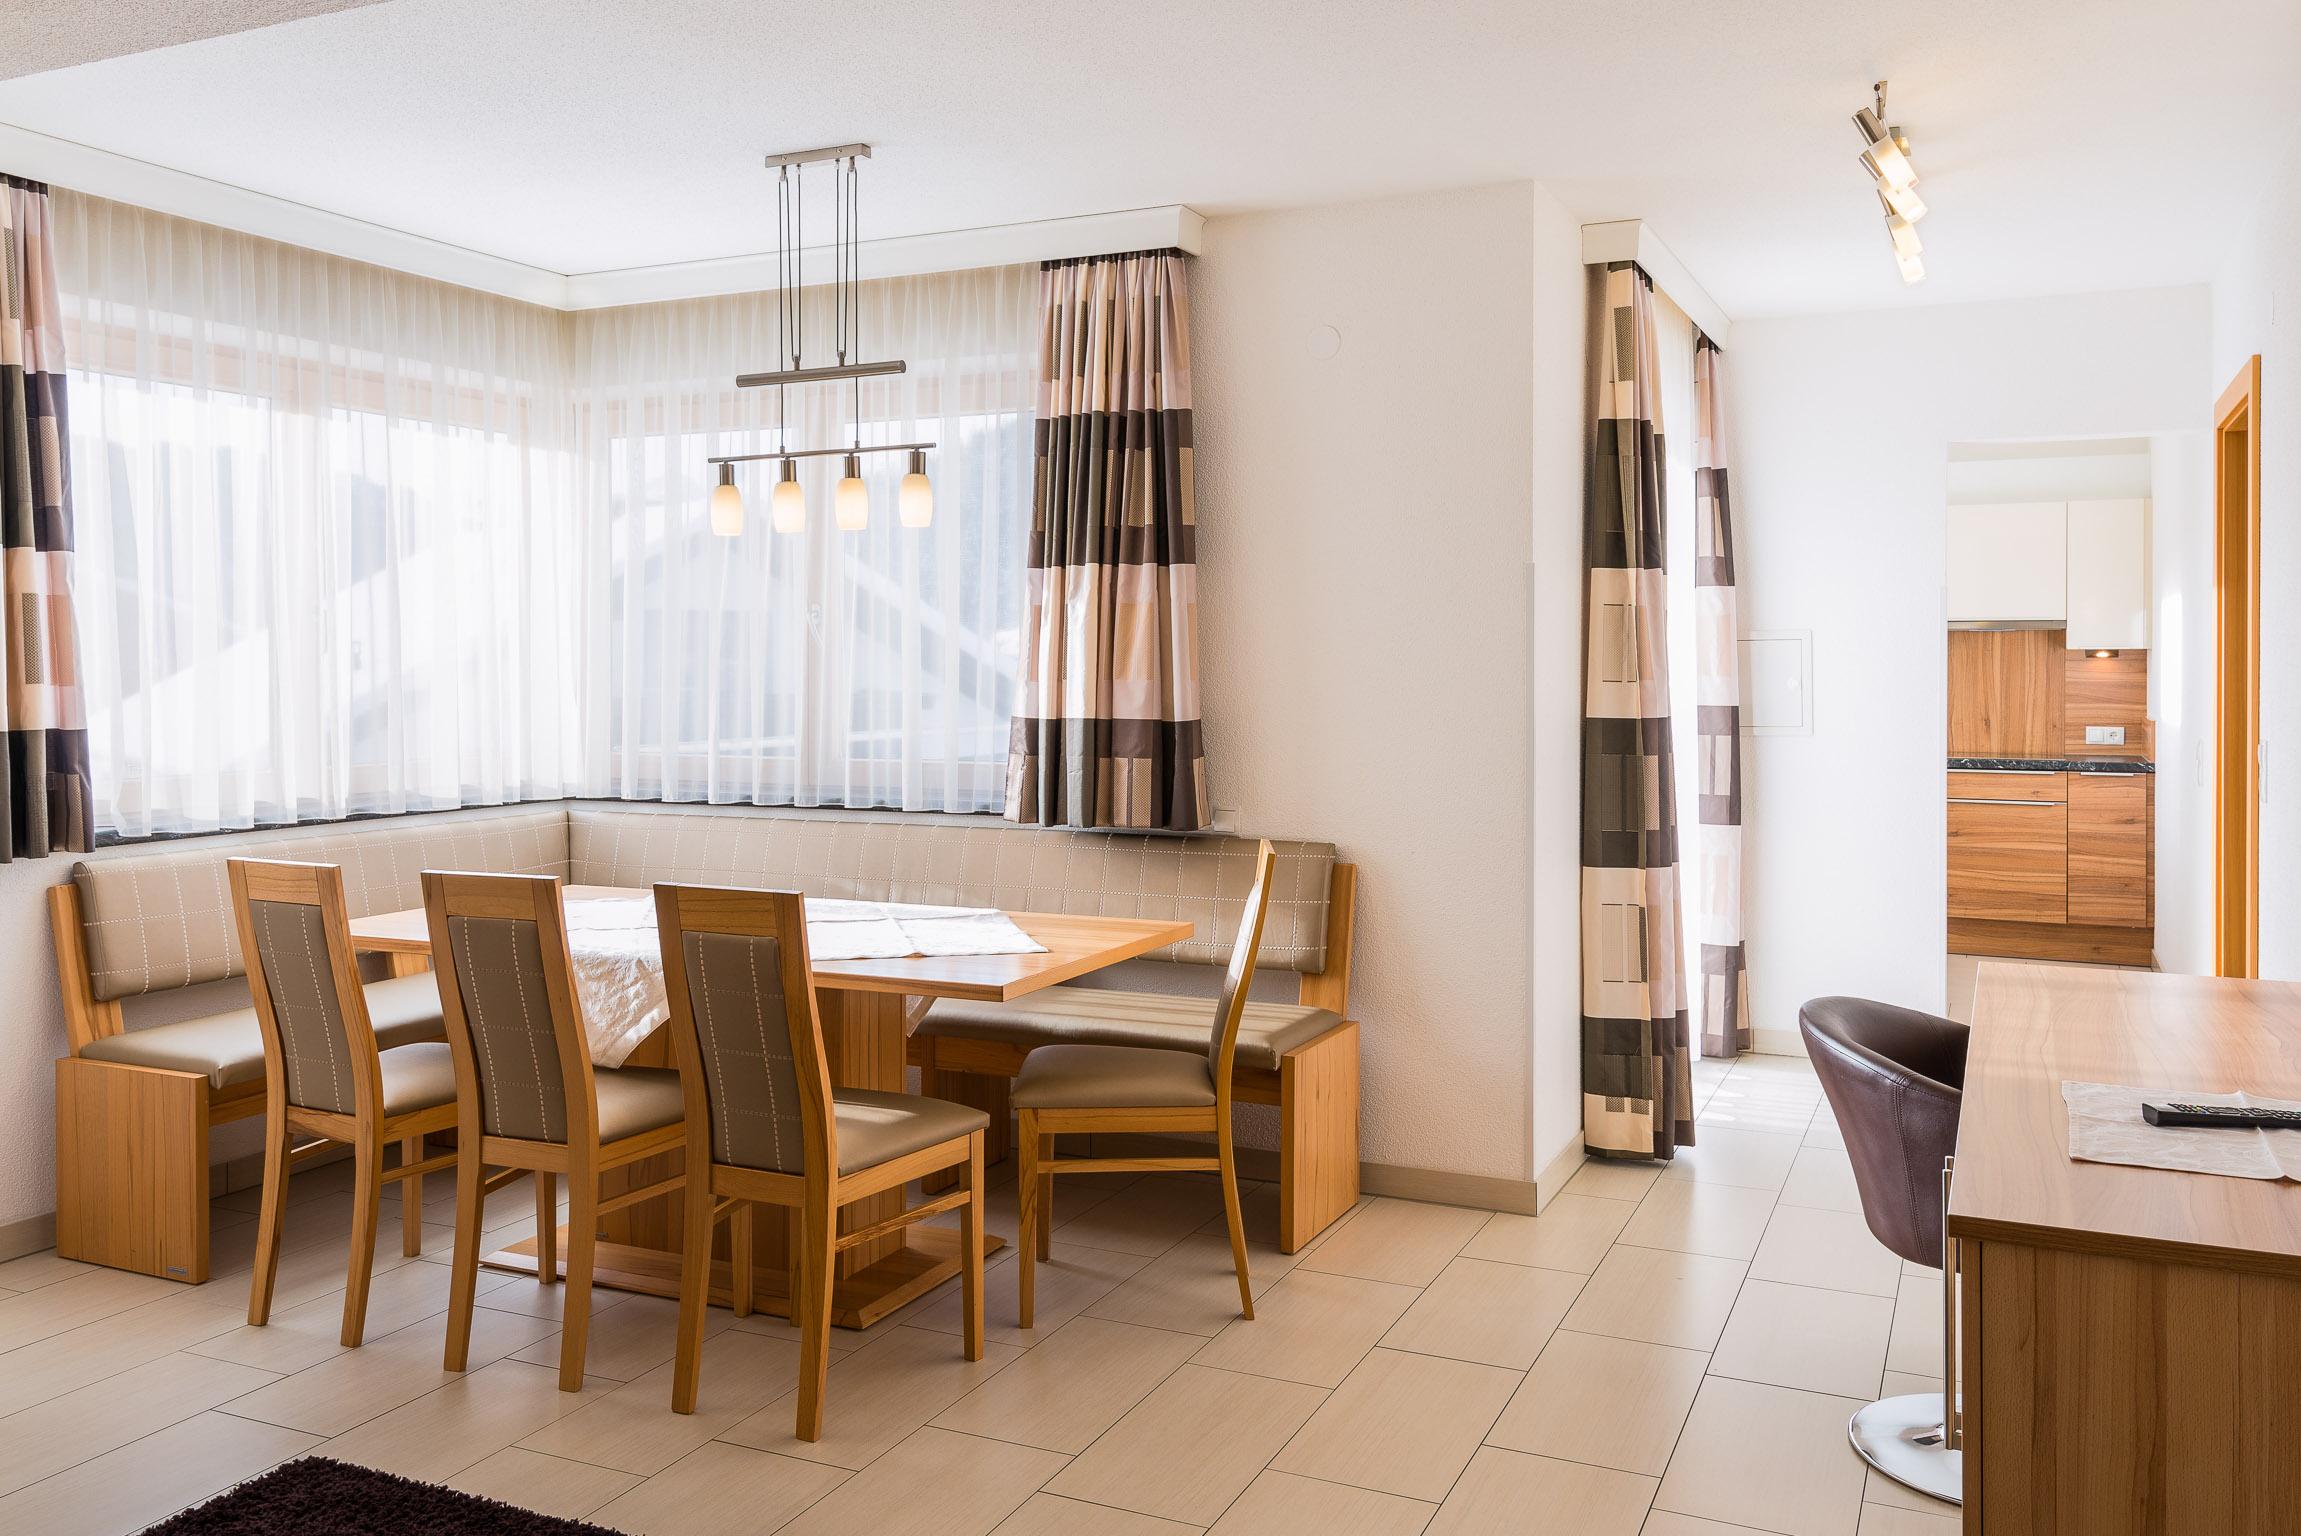 Apartment 2 Wohnzimmer